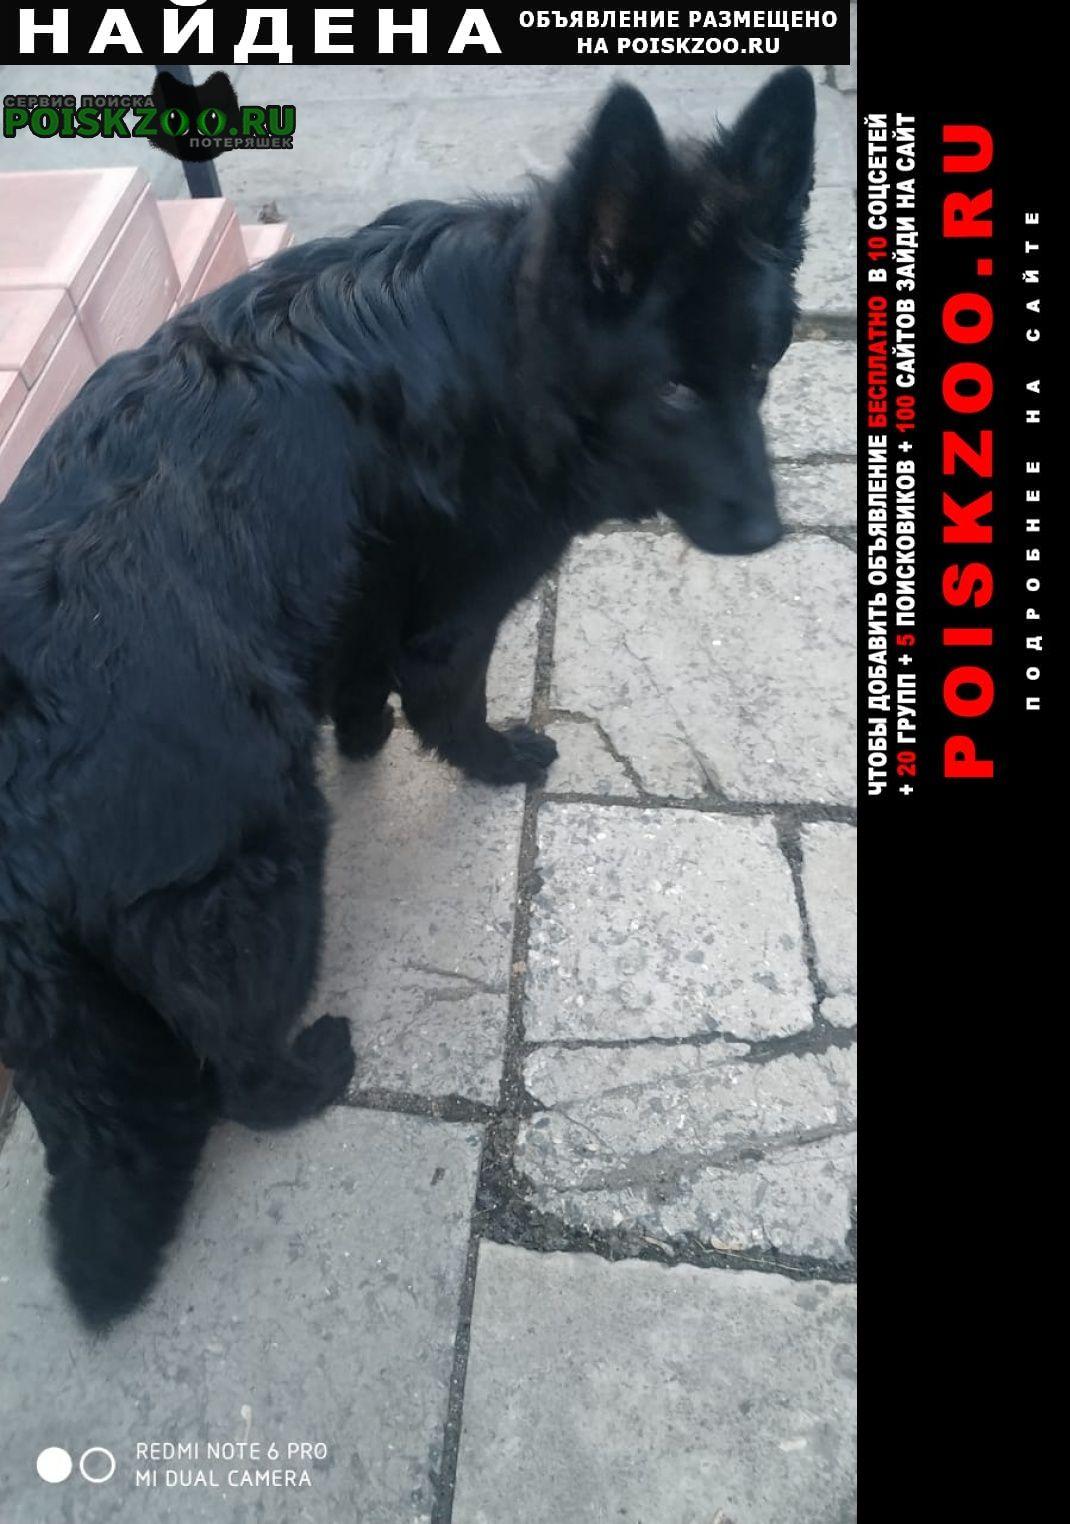 Найдена собака чёрная сука, большая, с ошейником Сызрань